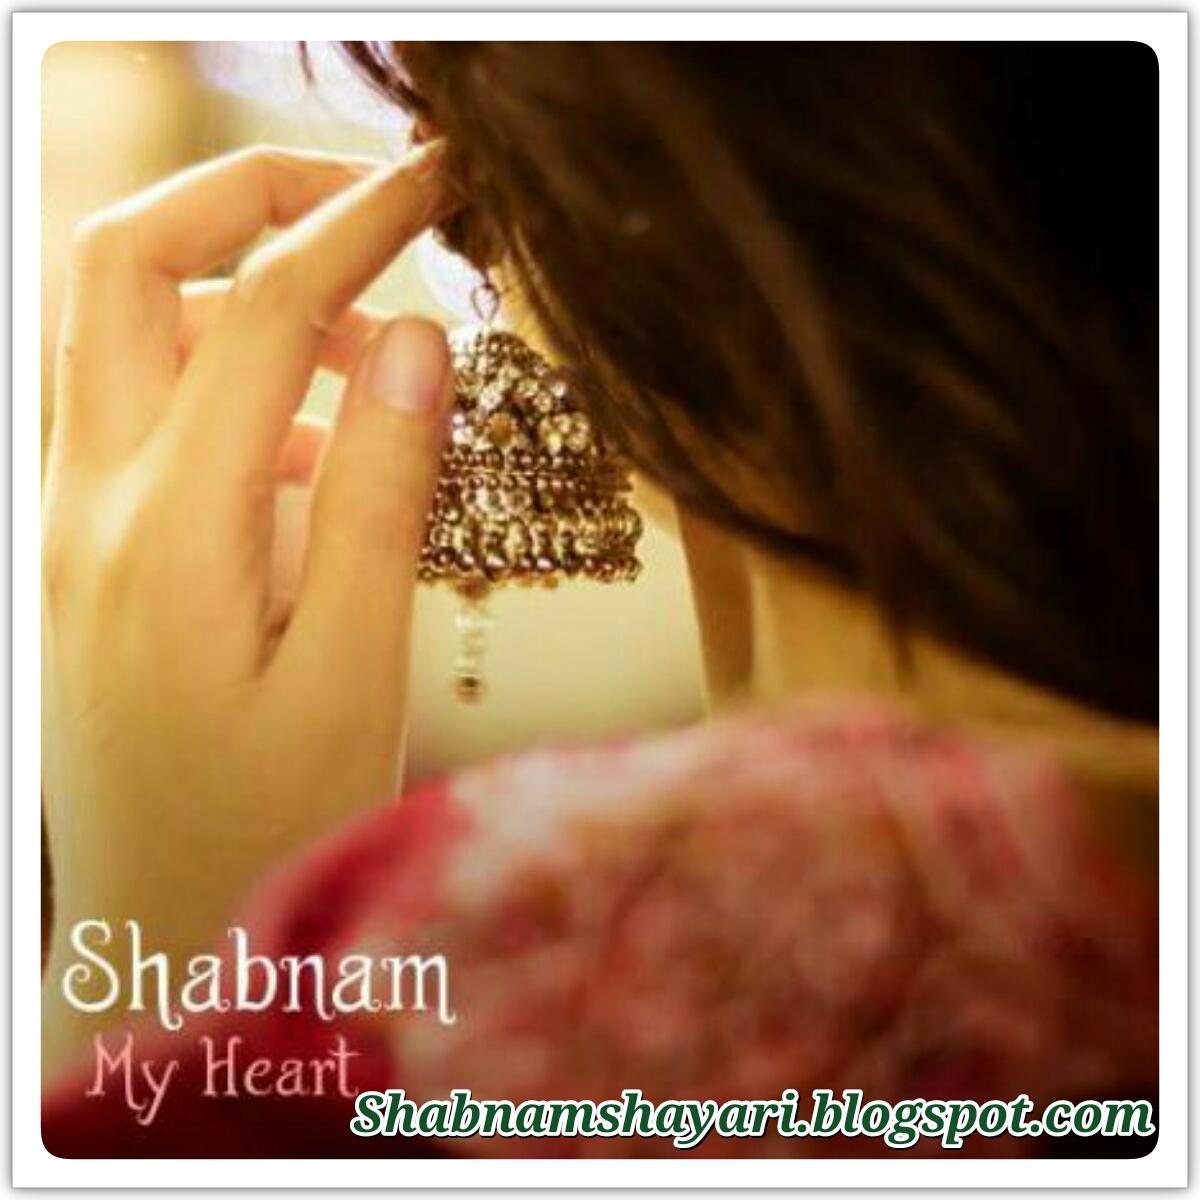 Shabnam shayari : October 2015